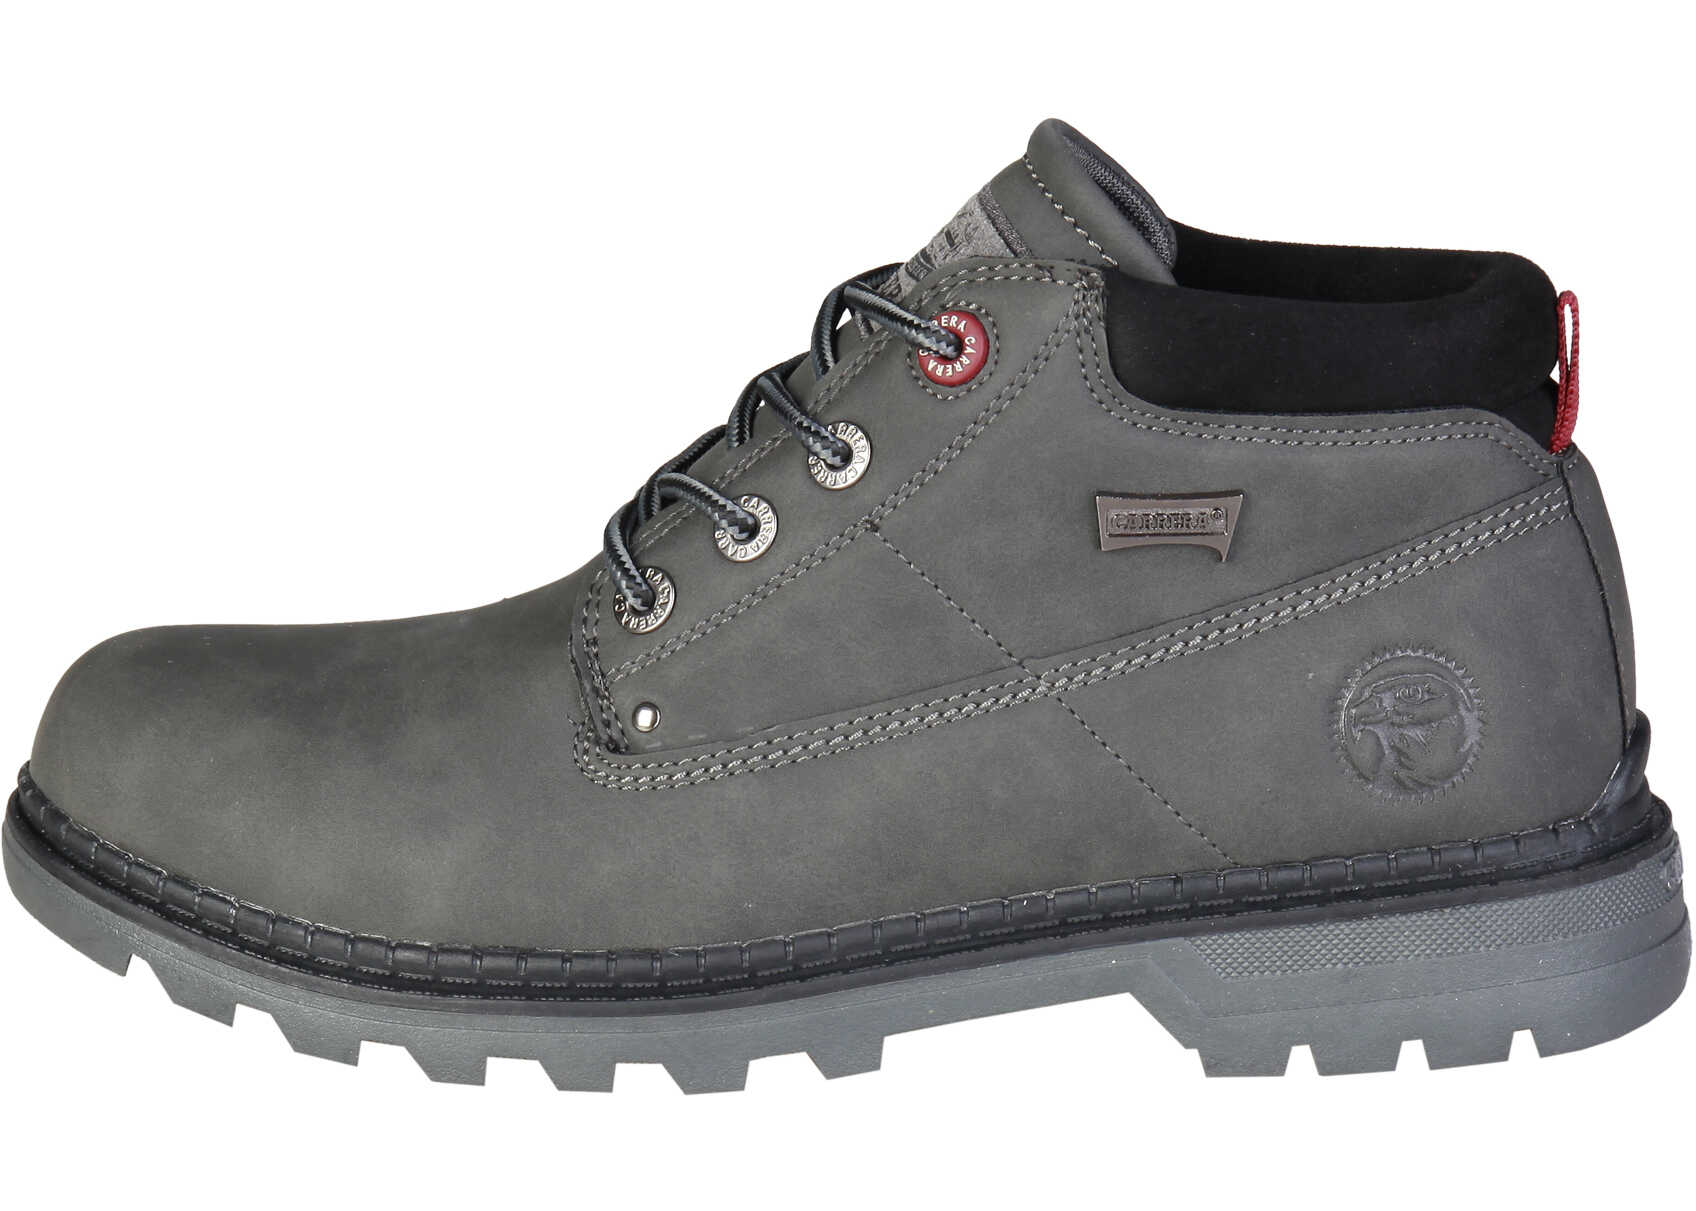 Carrera Jeans Chukka_Cam721055 Grey